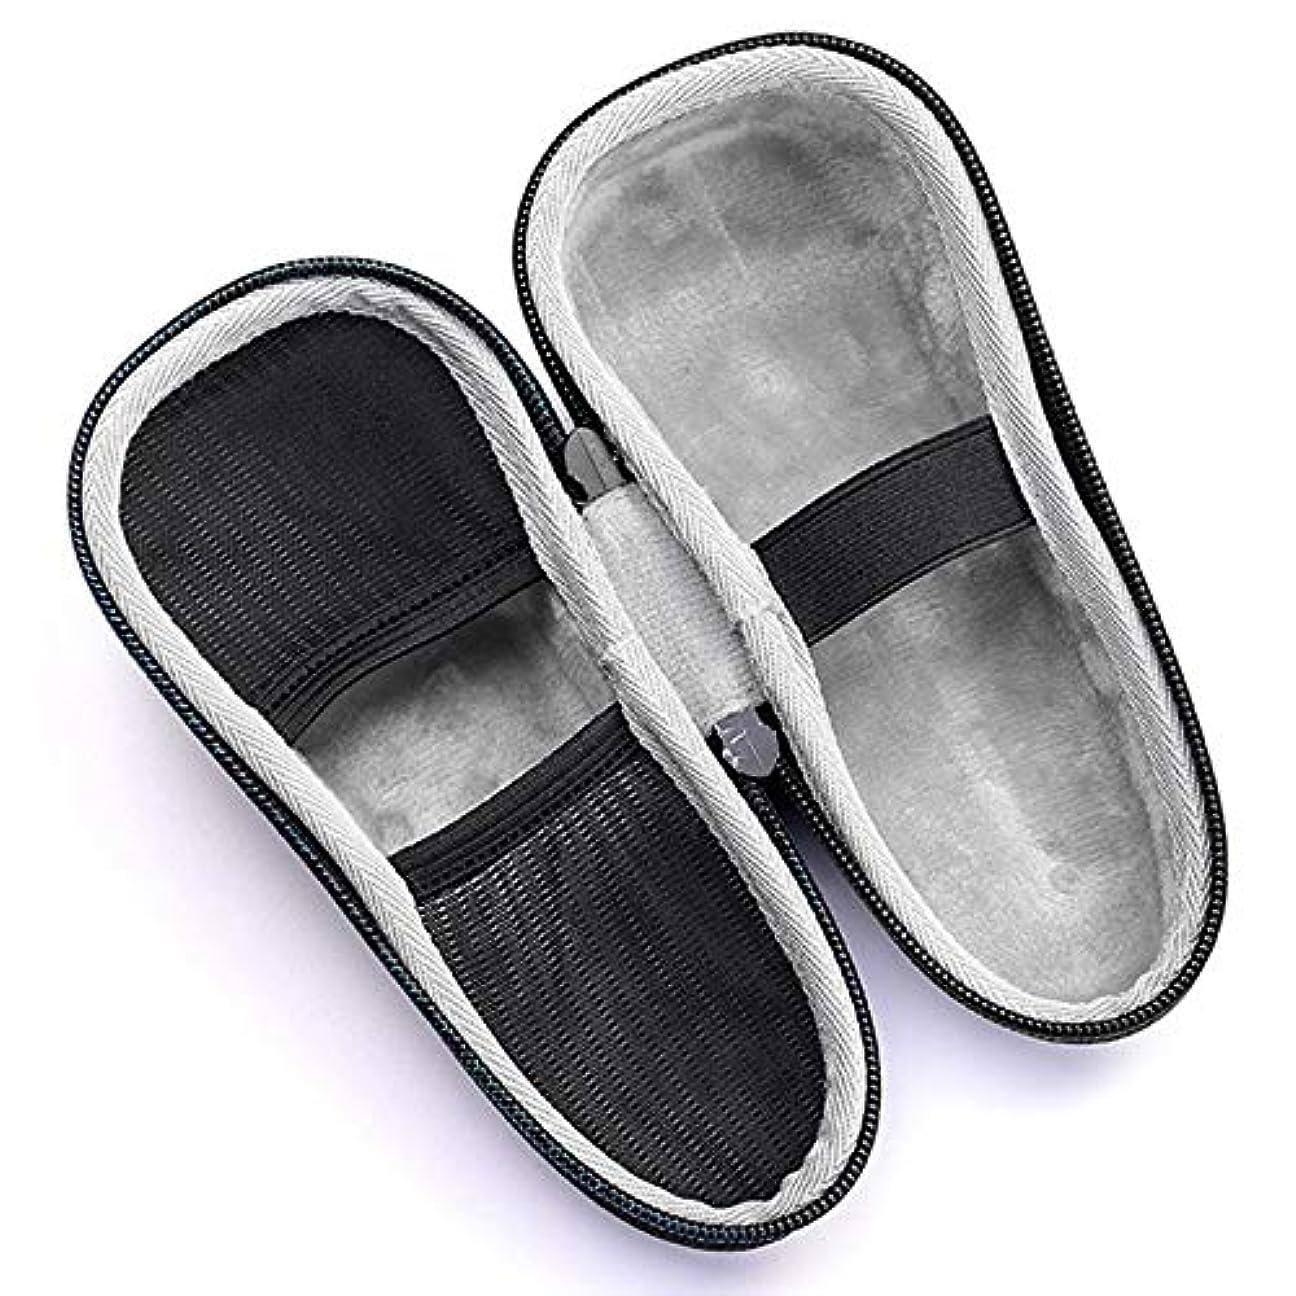 トライアスリートスペード消毒するGaoominy 髭剃り用収納バッグ、電気シェーバー用、かみそりのバッグ、シェーバー用旅行ケース、シェービングマシンの収納ケース、バッグ